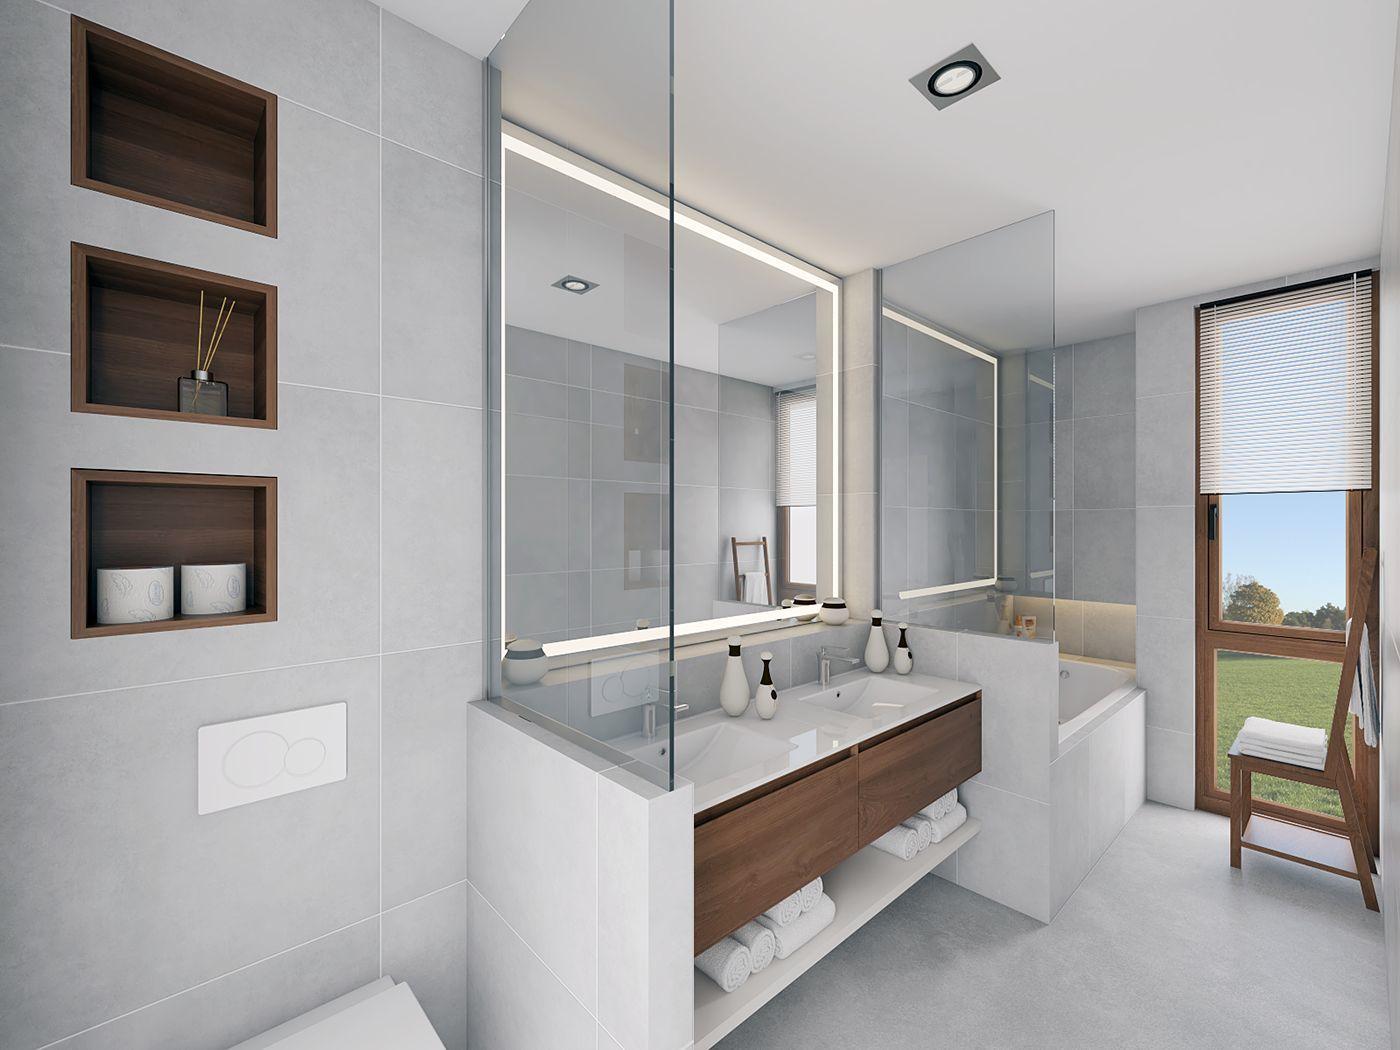 Óriási tükör a mosdó felett